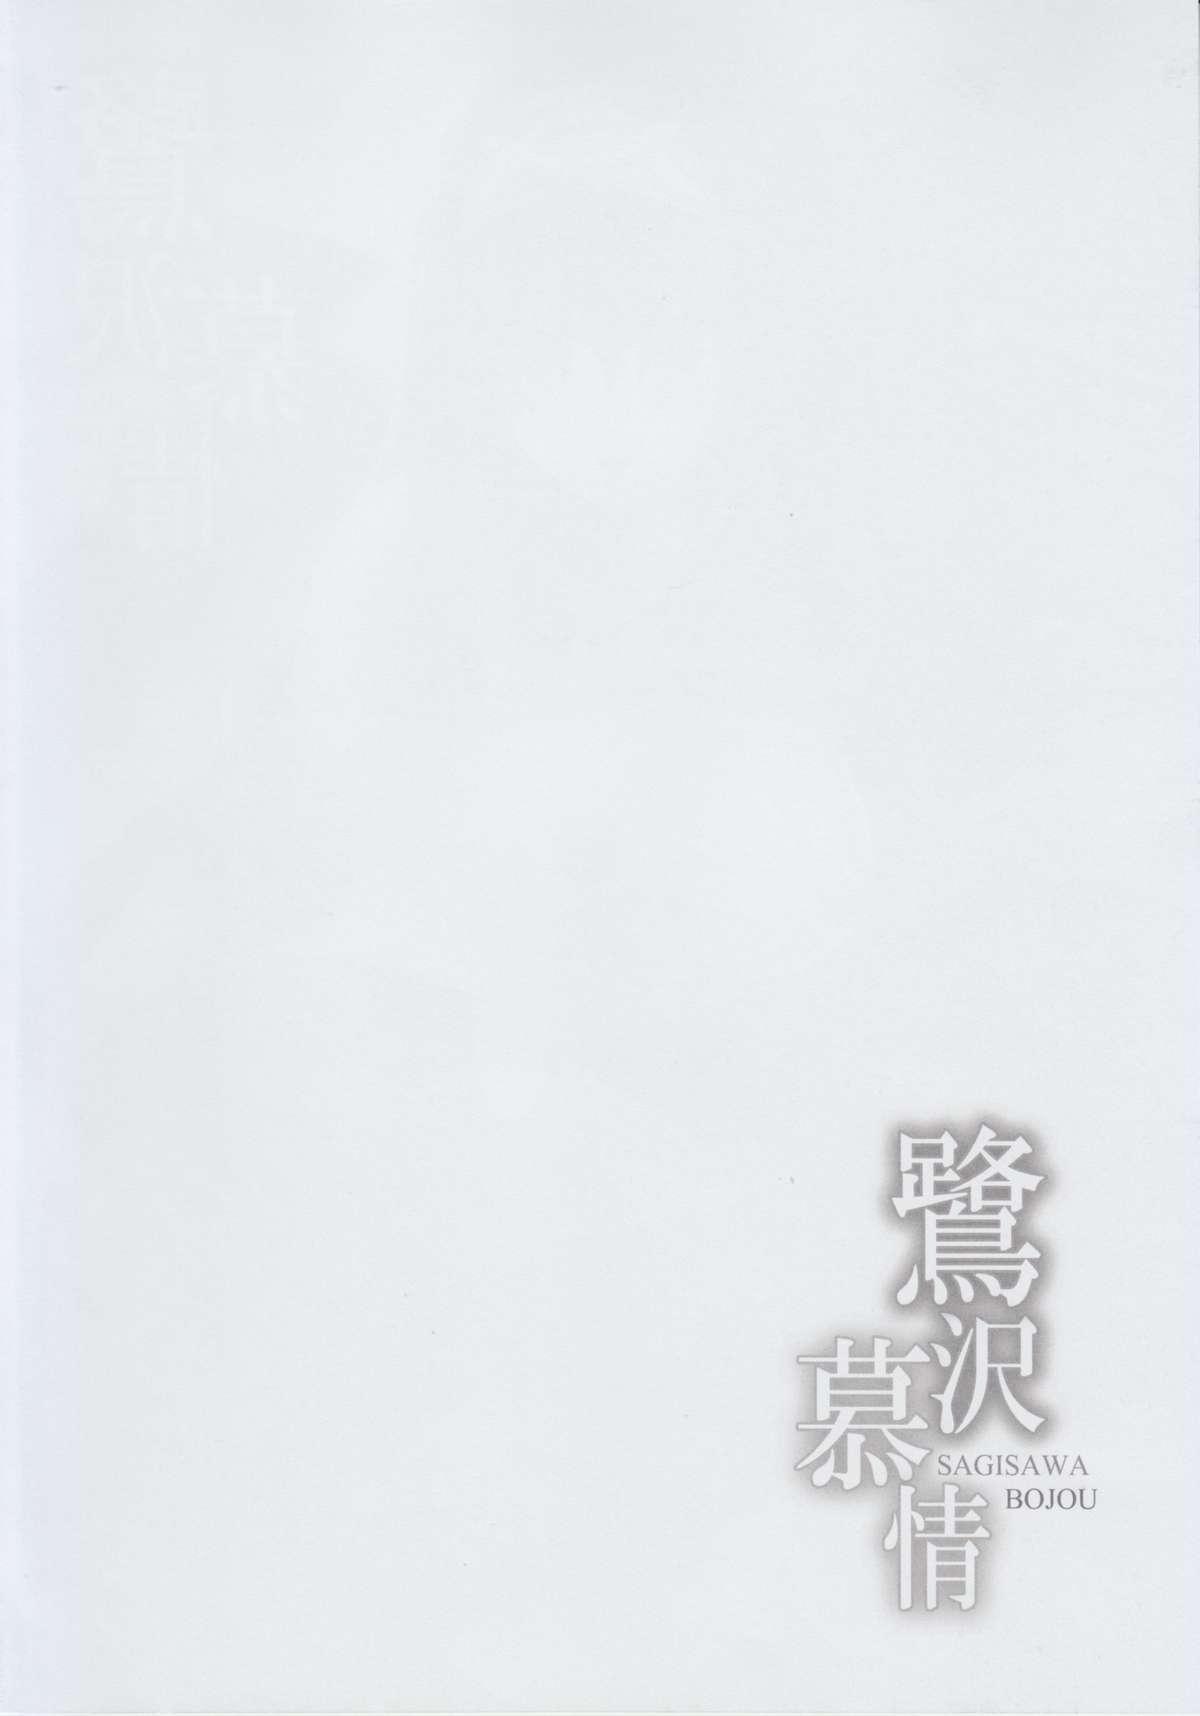 Sagisawa Bojou 3